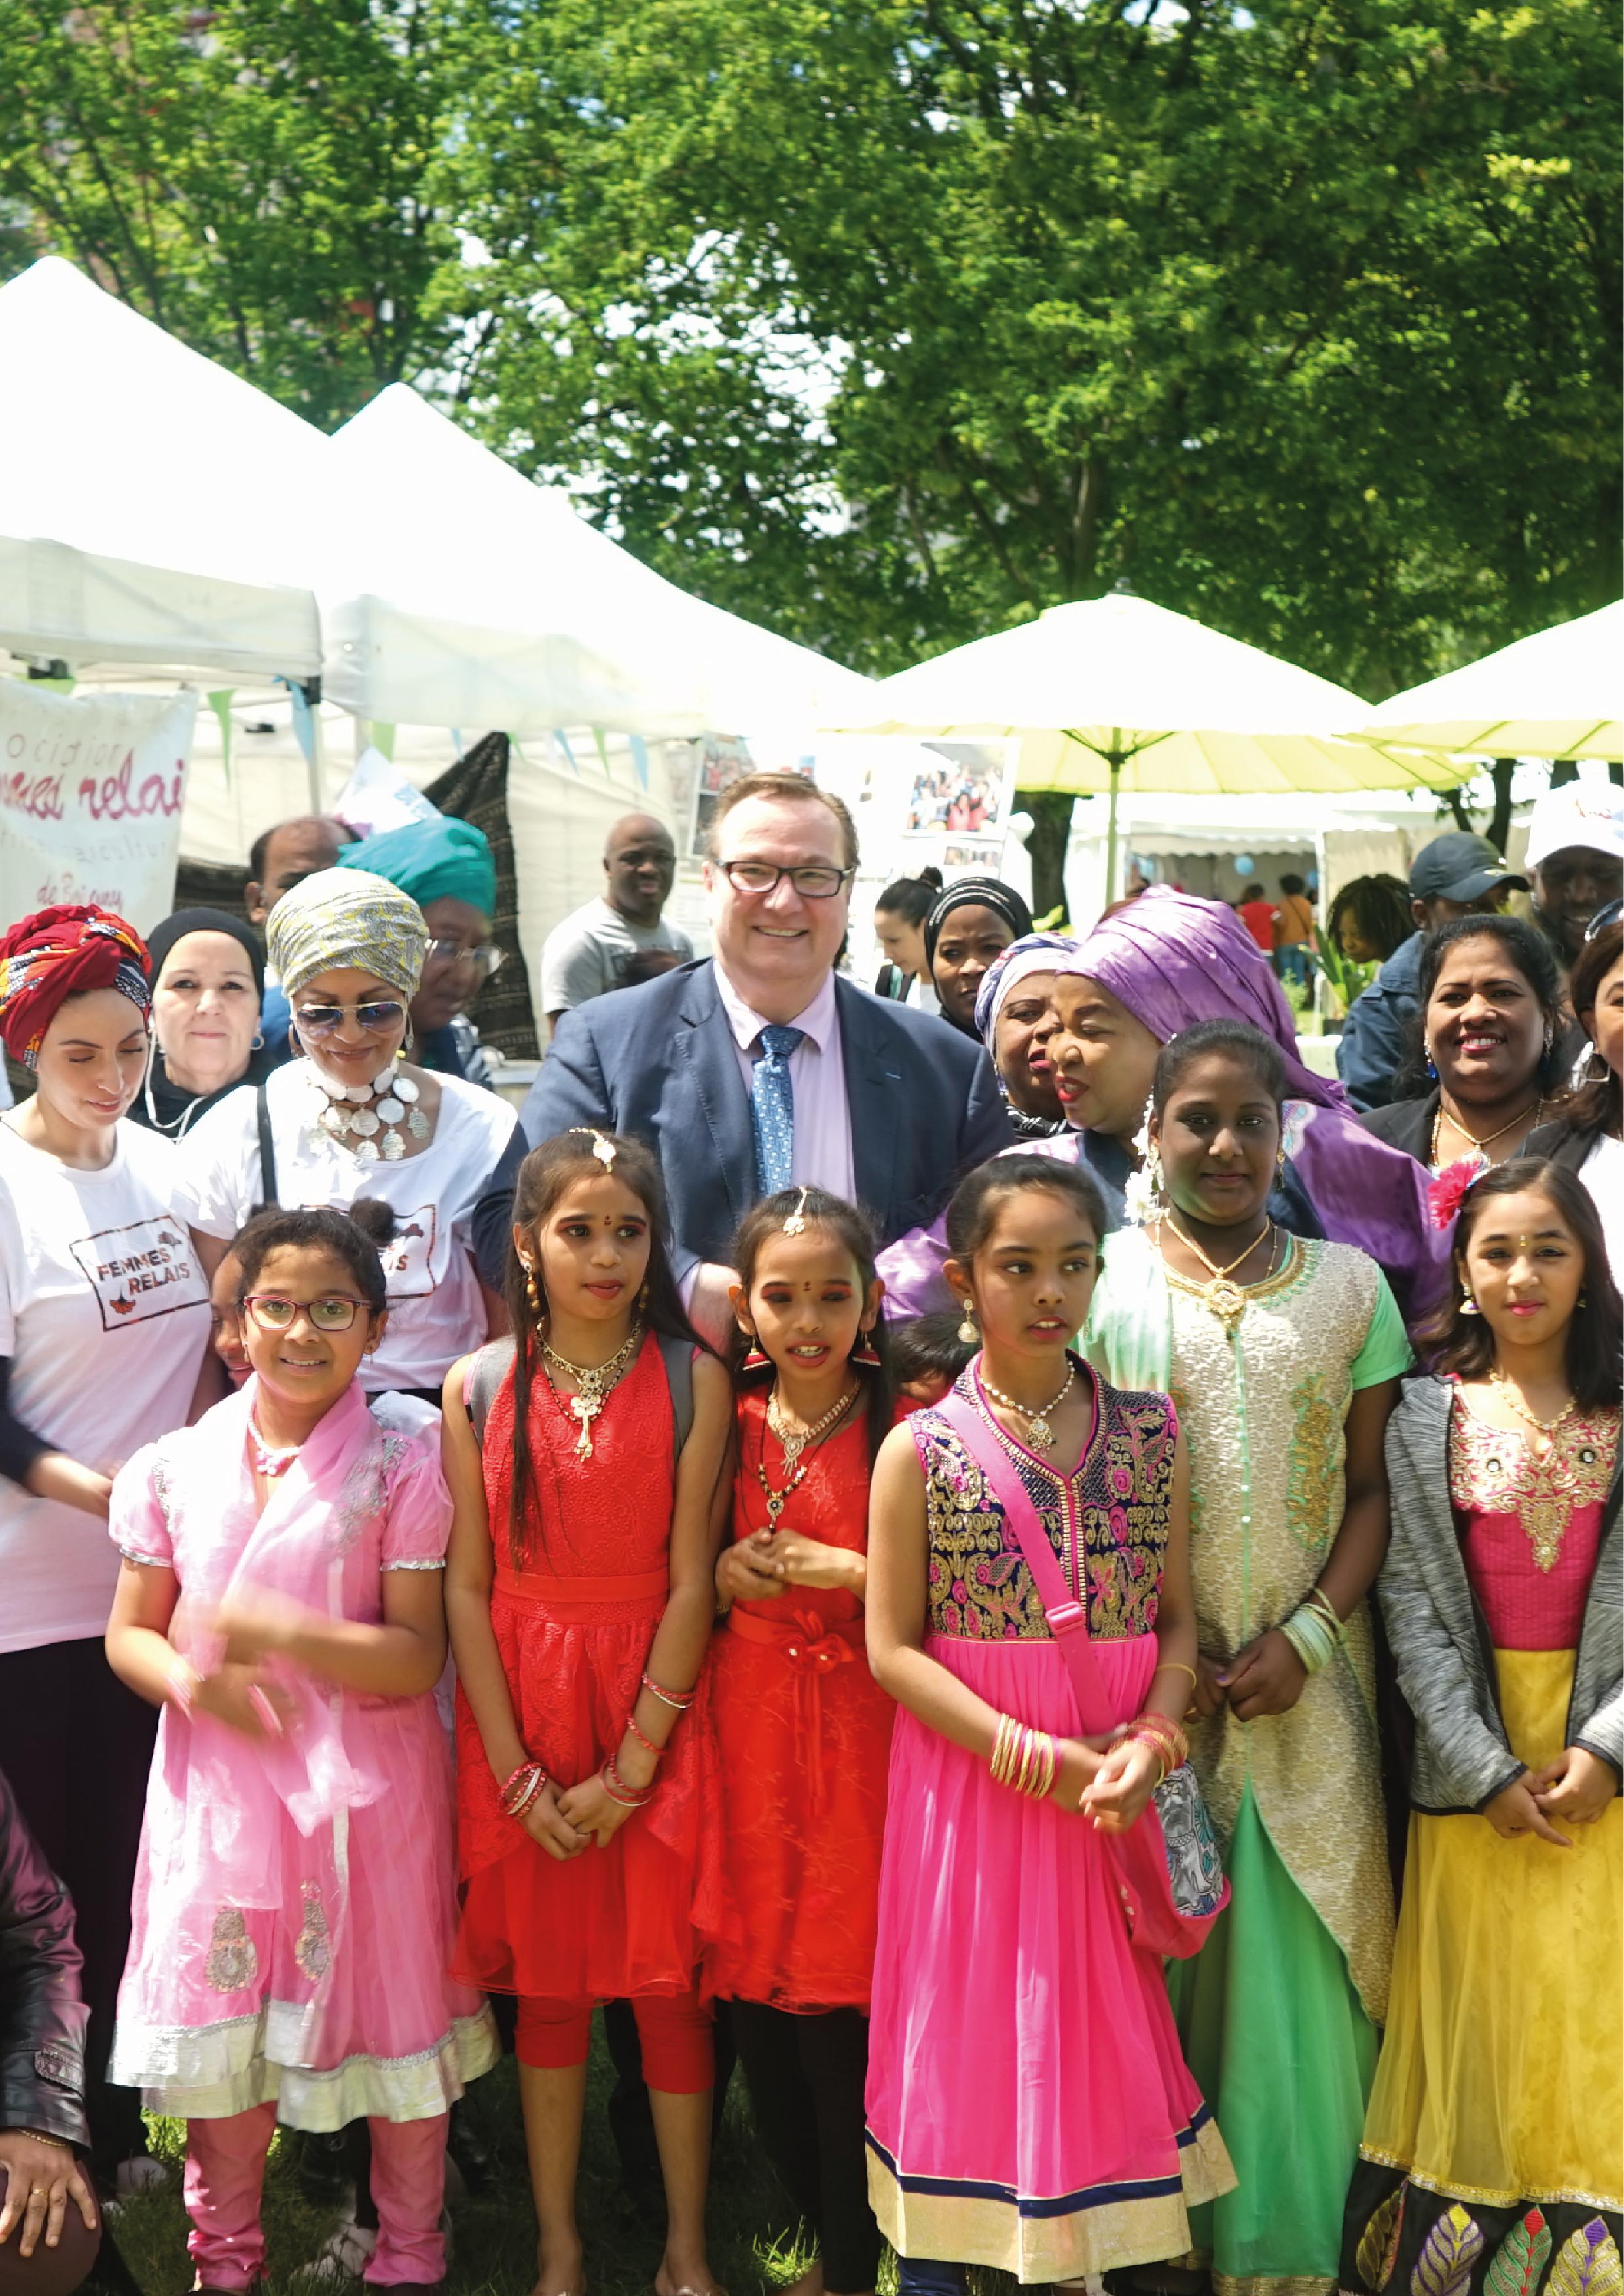 La fête de la ville - Femmes Relais était présente à la fête de la ville où elle a préparé et distribué un tiep géant et une danse présentée par les enfants de l'association. Revivez bientôt ce moment sur notre site !